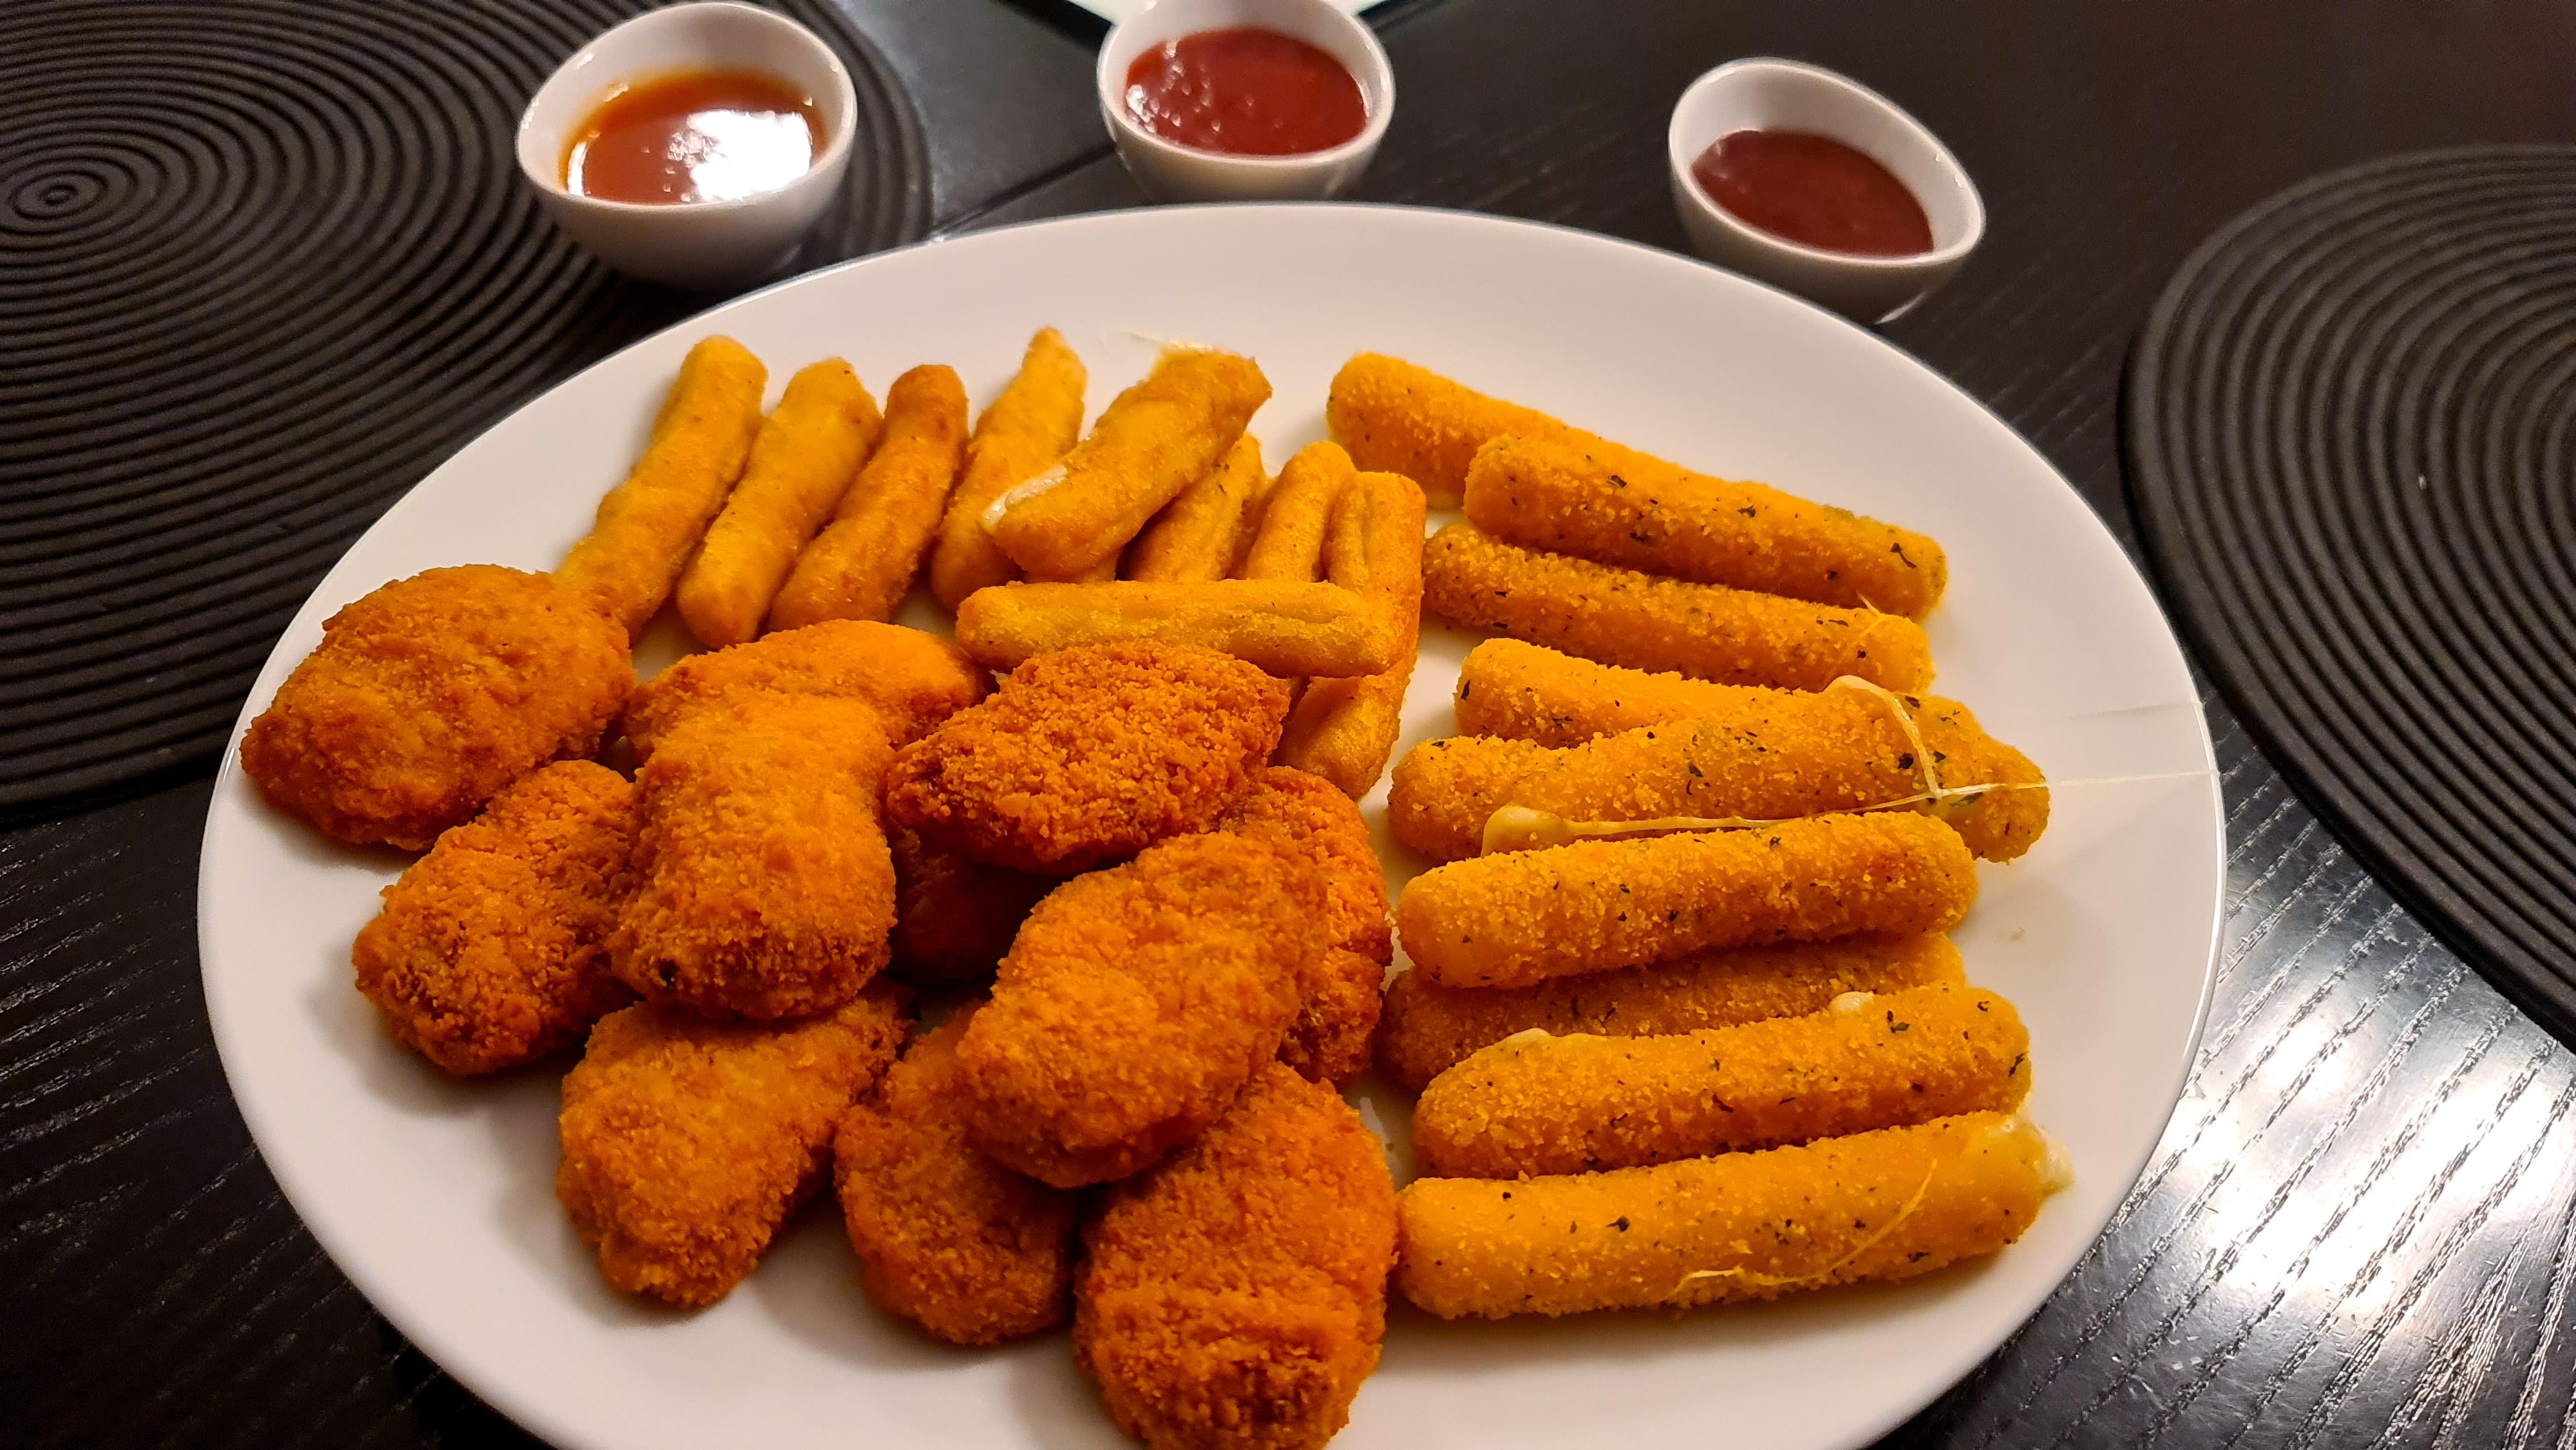 https://foodloader.net/Holz_2020-11-06_Mozzarella_Sticks_und_Chicken_Sticks_und_Pulled_Pork_Nuggets.jpg